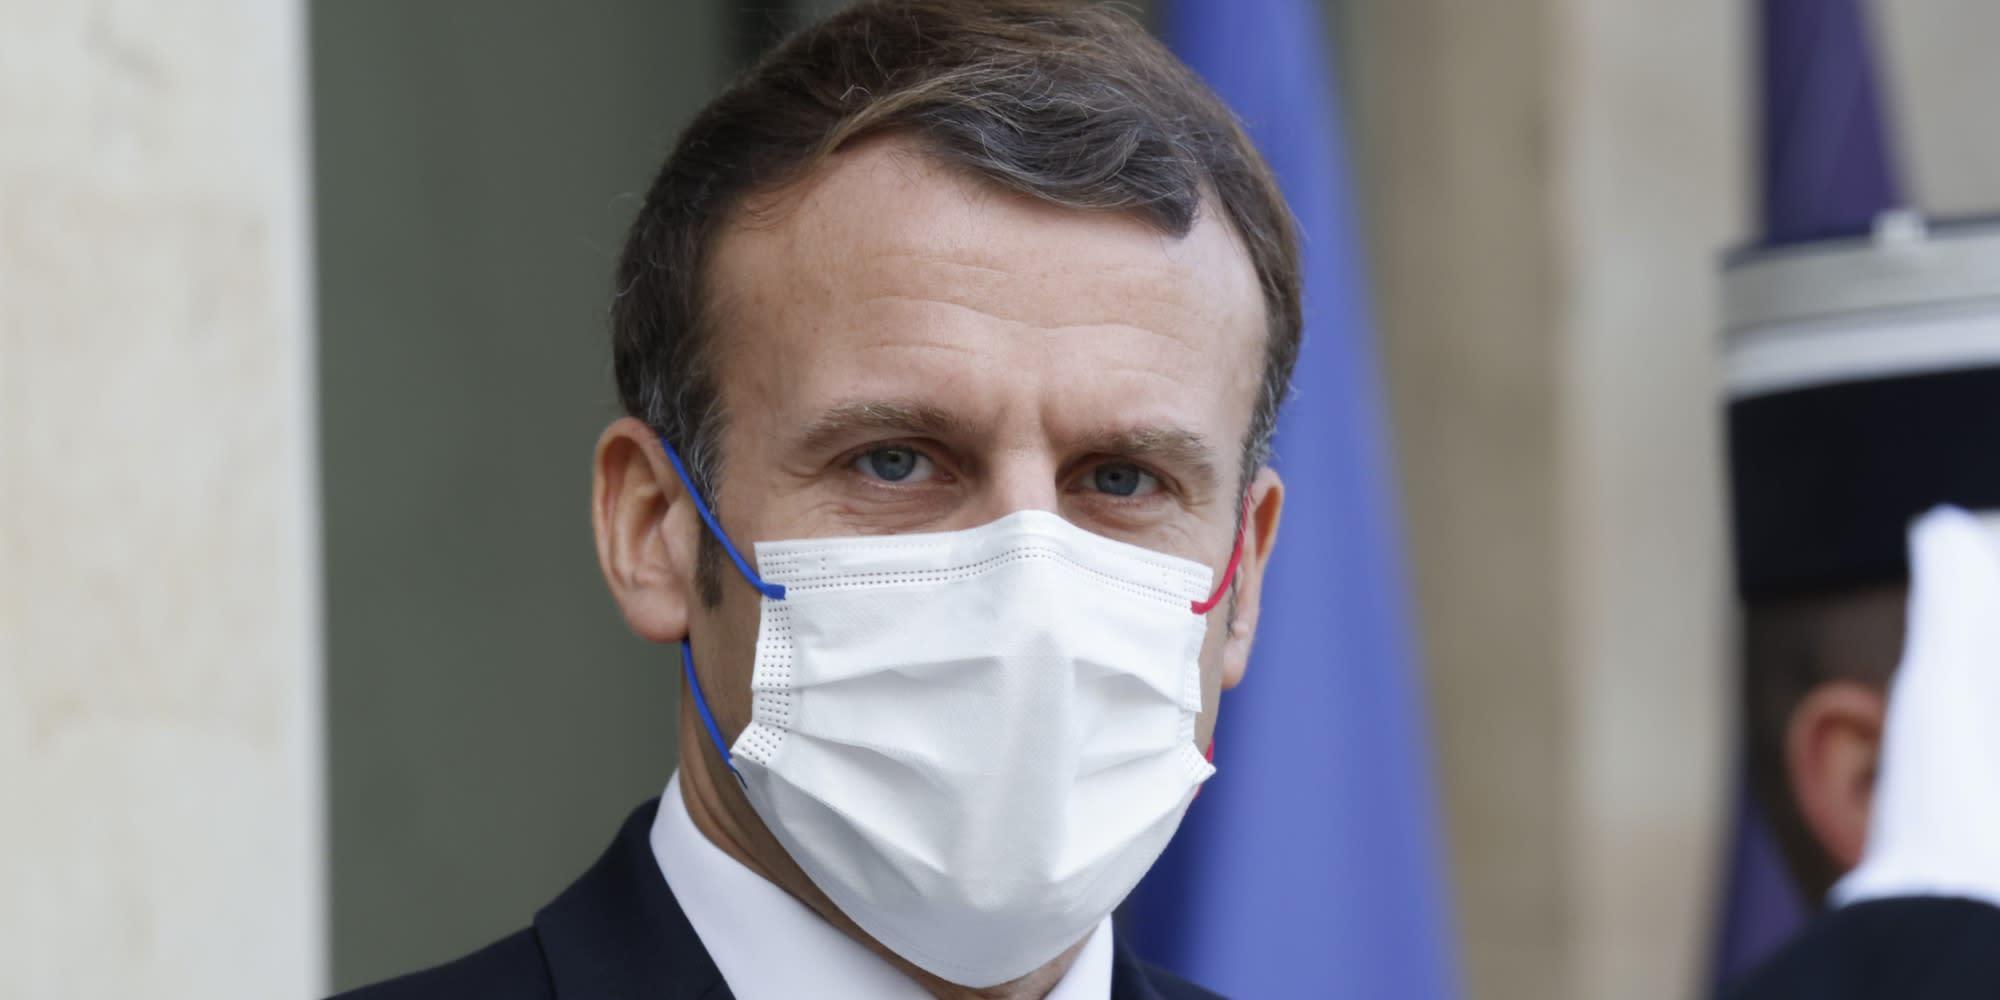 En choisissant Brut pour son interview, Macron cible les jeunes... mais pas que